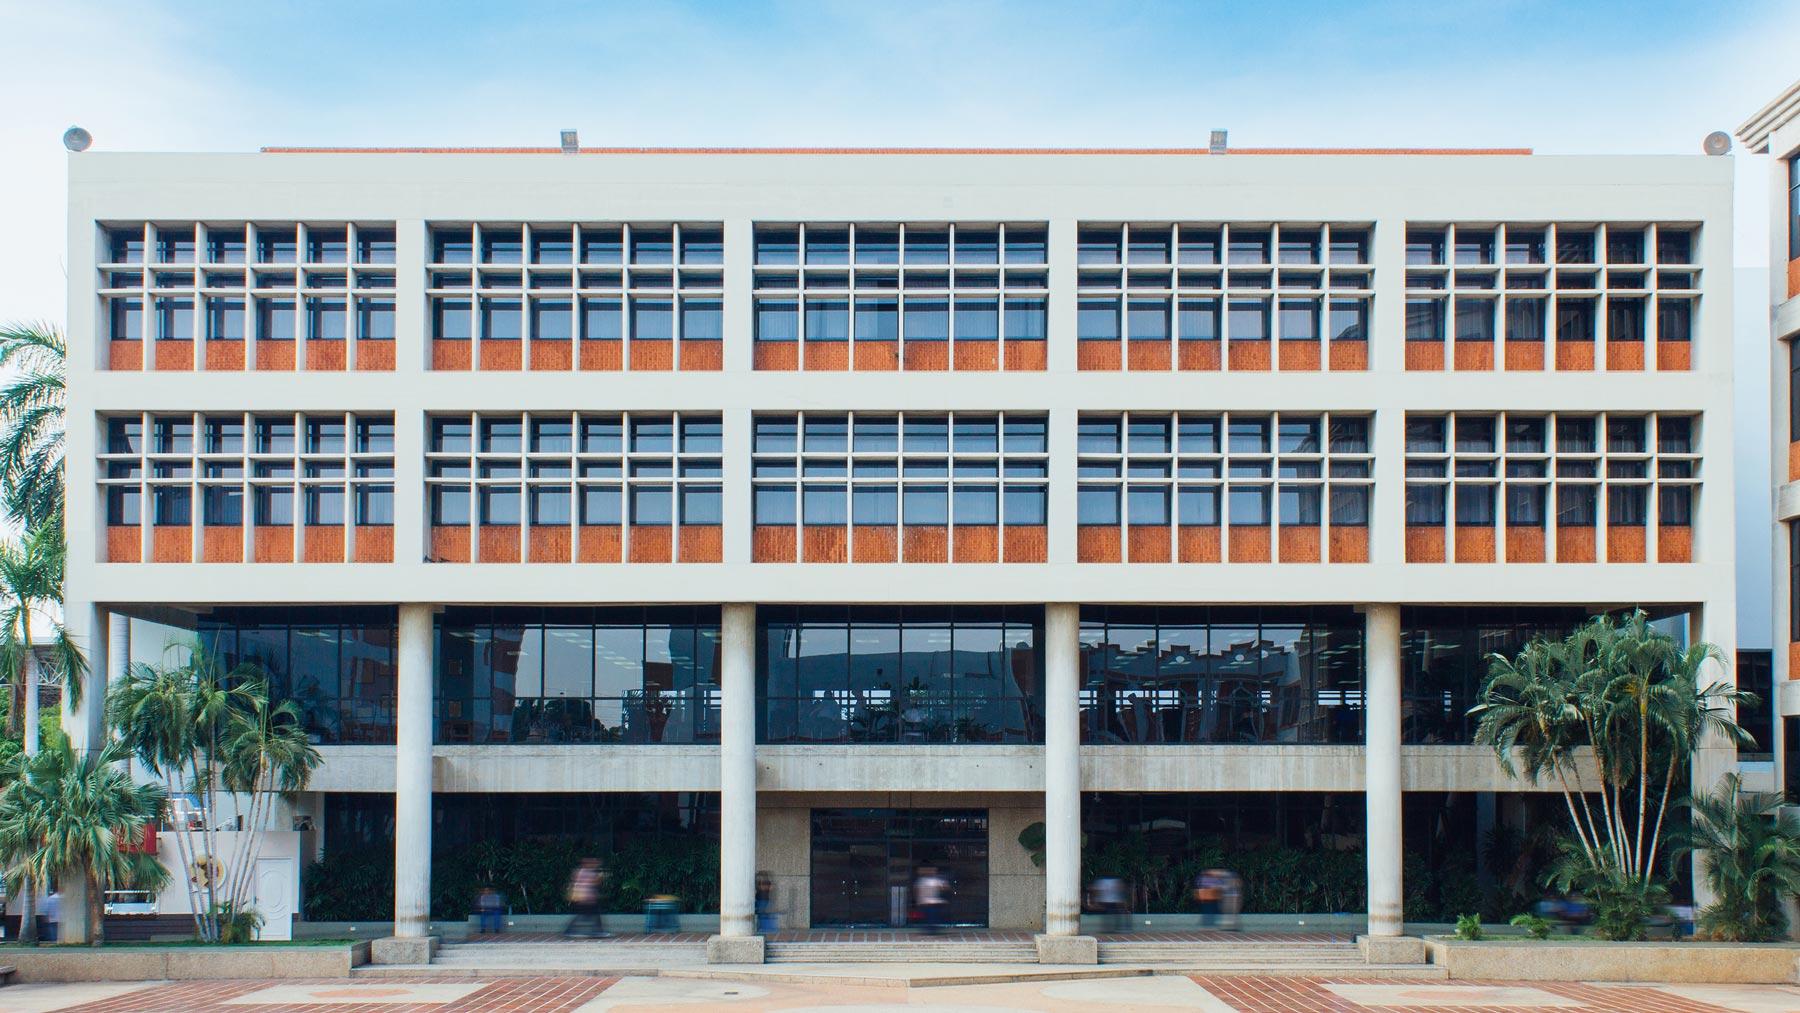 edificio-biblioteca-y-posgrado-ube-4